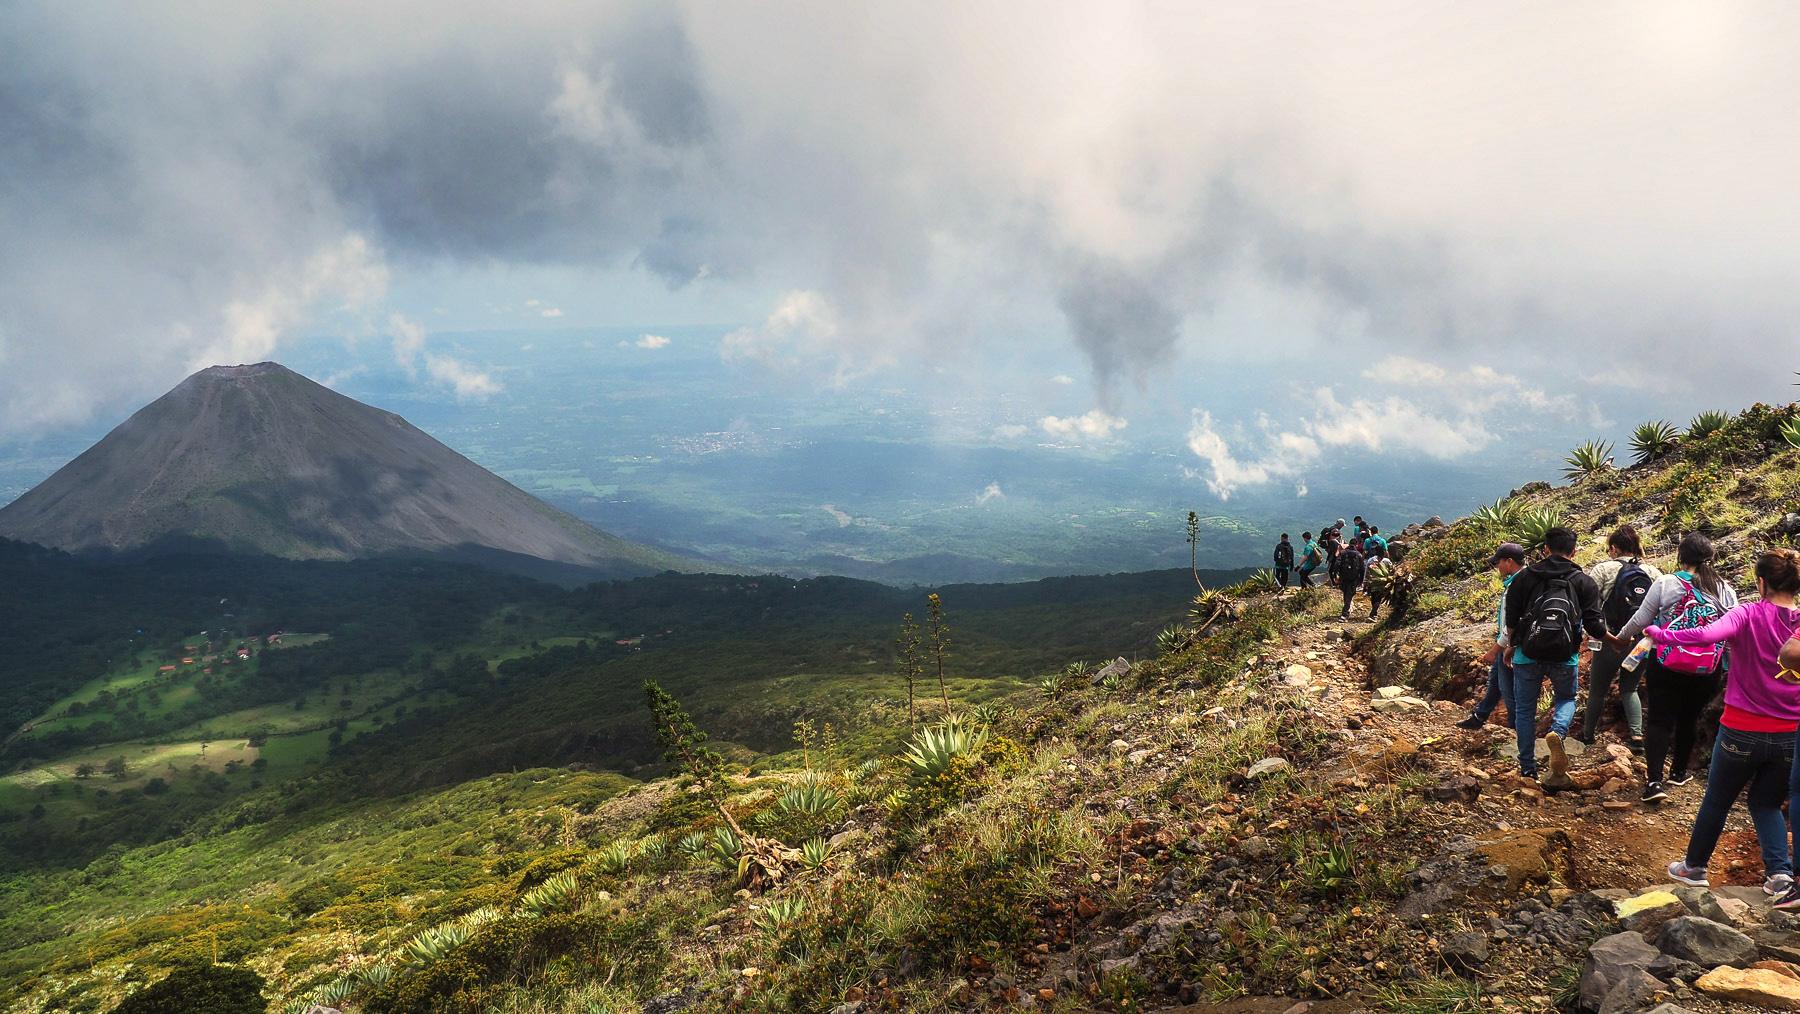 Wanderung auf den Vulkan in großer Gruppe